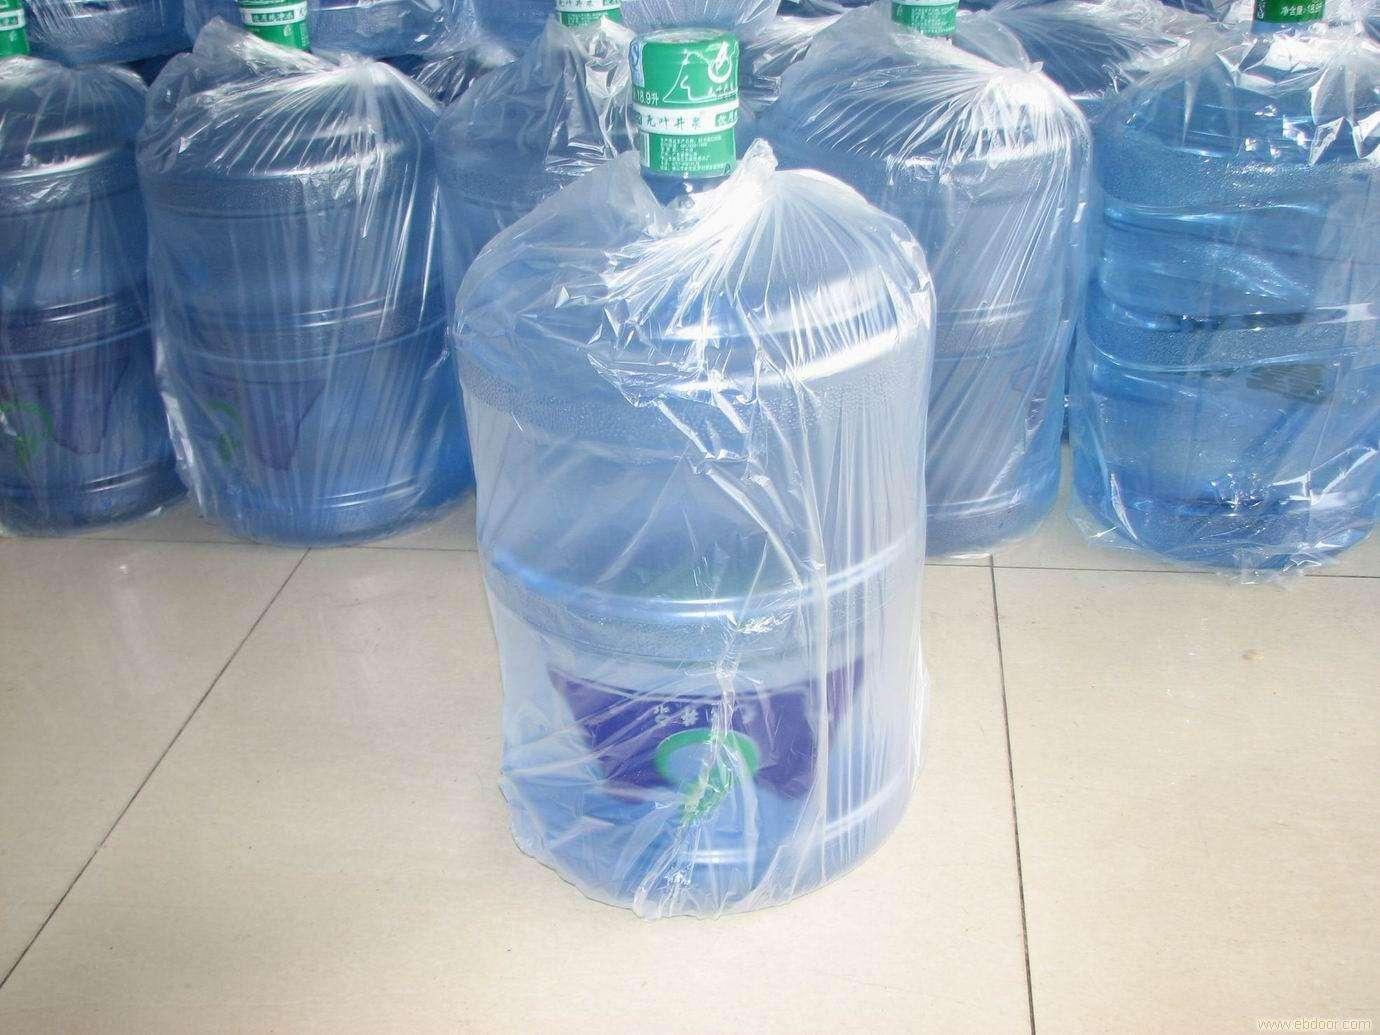 西安大桶装水排名,你家喝的哪个品牌?(图2)